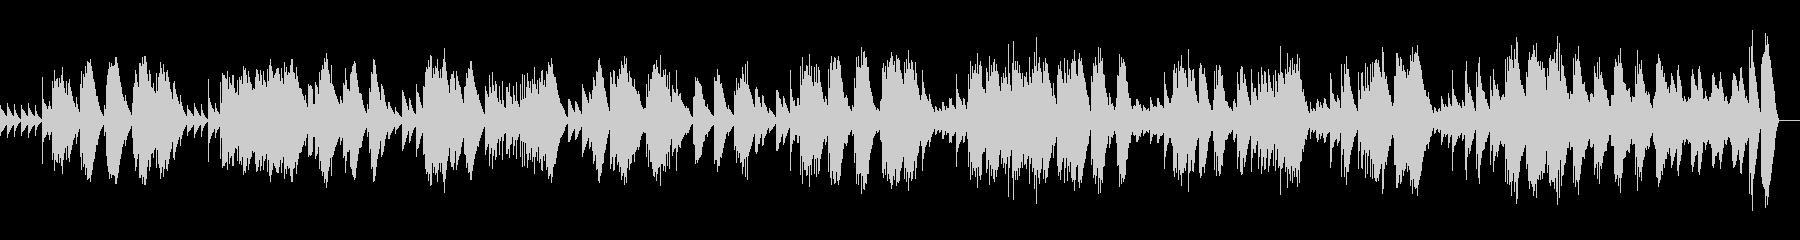 ラベル ボレロ (オルゴール)の未再生の波形